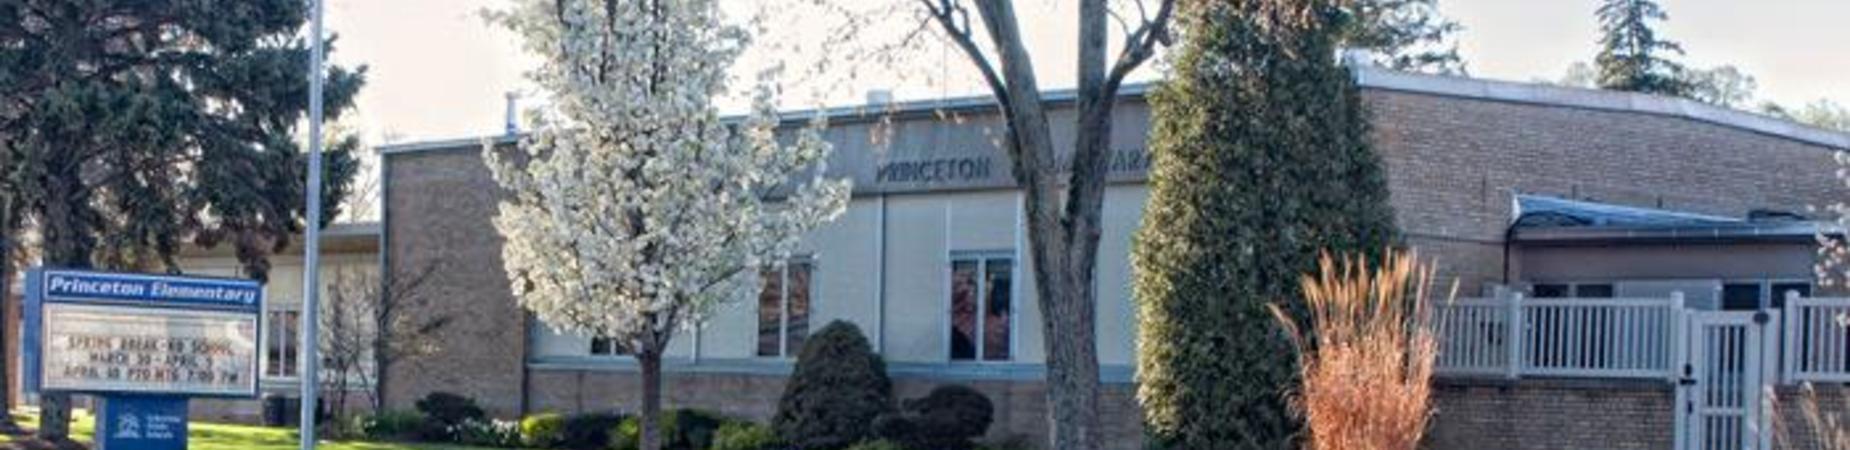 Princeton Statler Pic